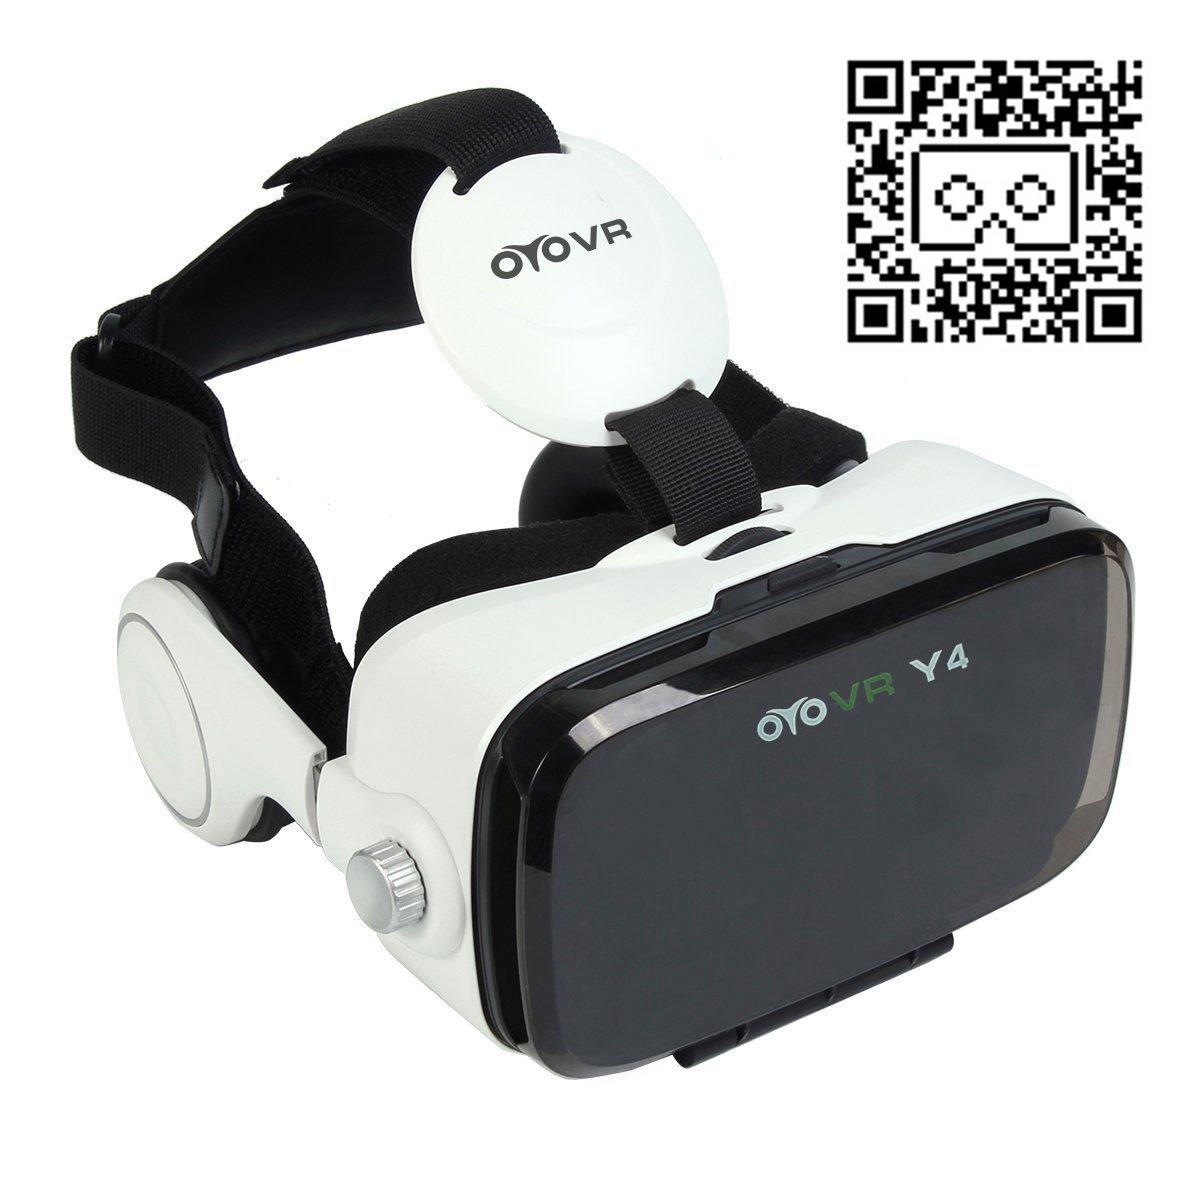 Nouveauté 3D VR Lunettes de Réalité Virtuelle avec Casque pour 4,7 ~ 6,2 Pouces de Smartphone 120 Degrés Champ de Vision pour 3D Films et Jeux